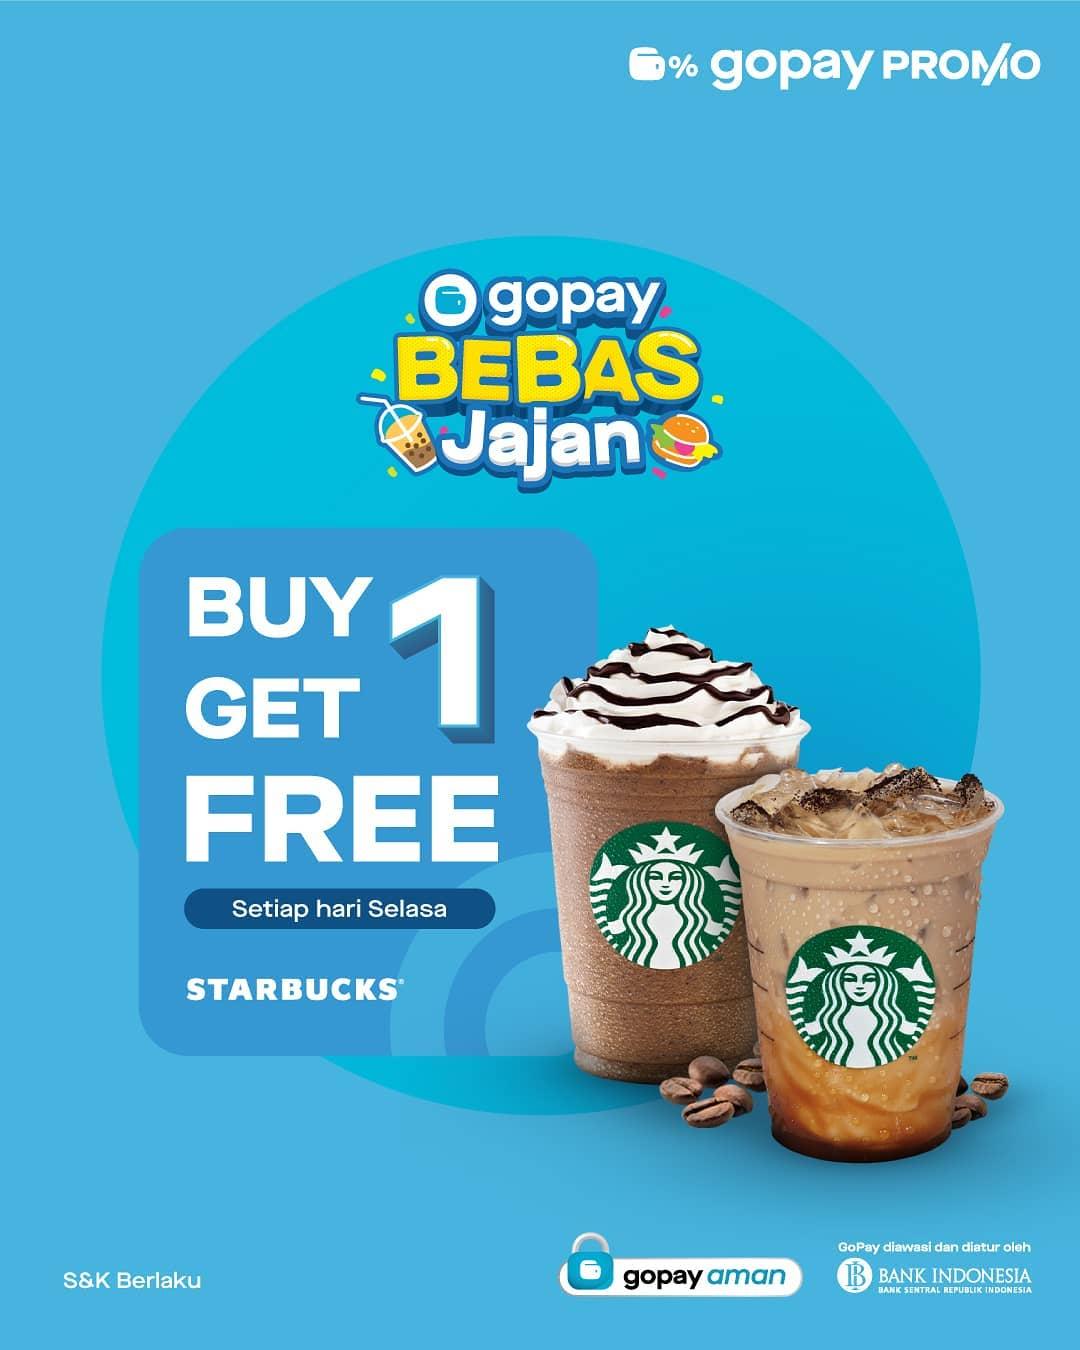 Promo STARBUCKS BELI 1 GRATIS 1 khusus untuk transaksi dengan GOPAY